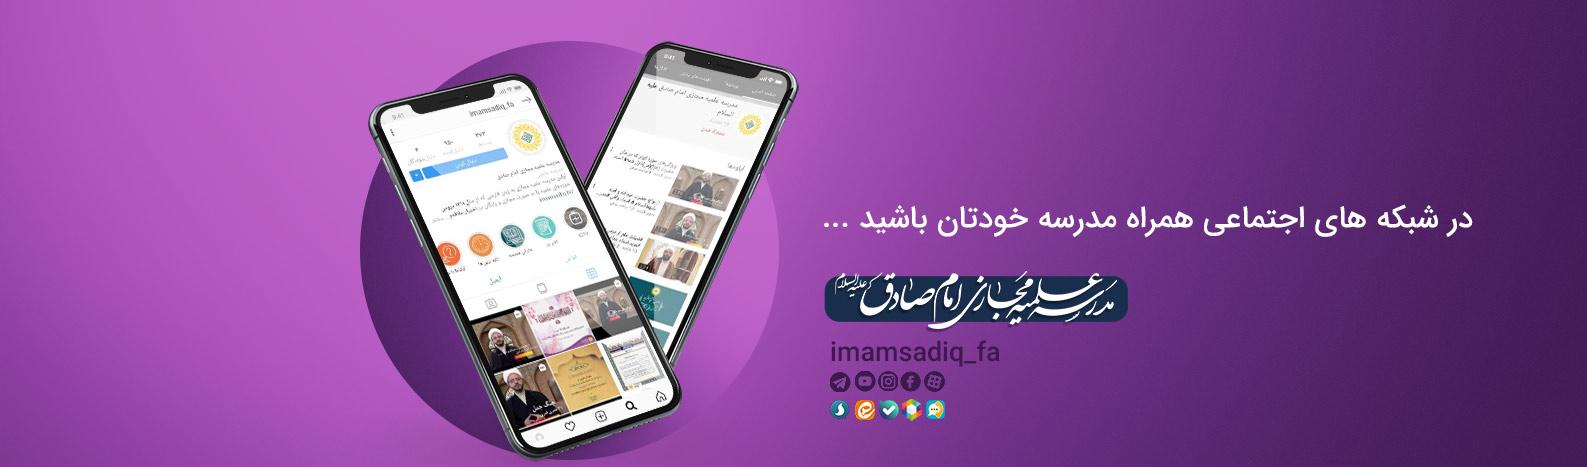 مدرسه مجازی امام صادق علیهالسلام در شبکههای اجتماعی